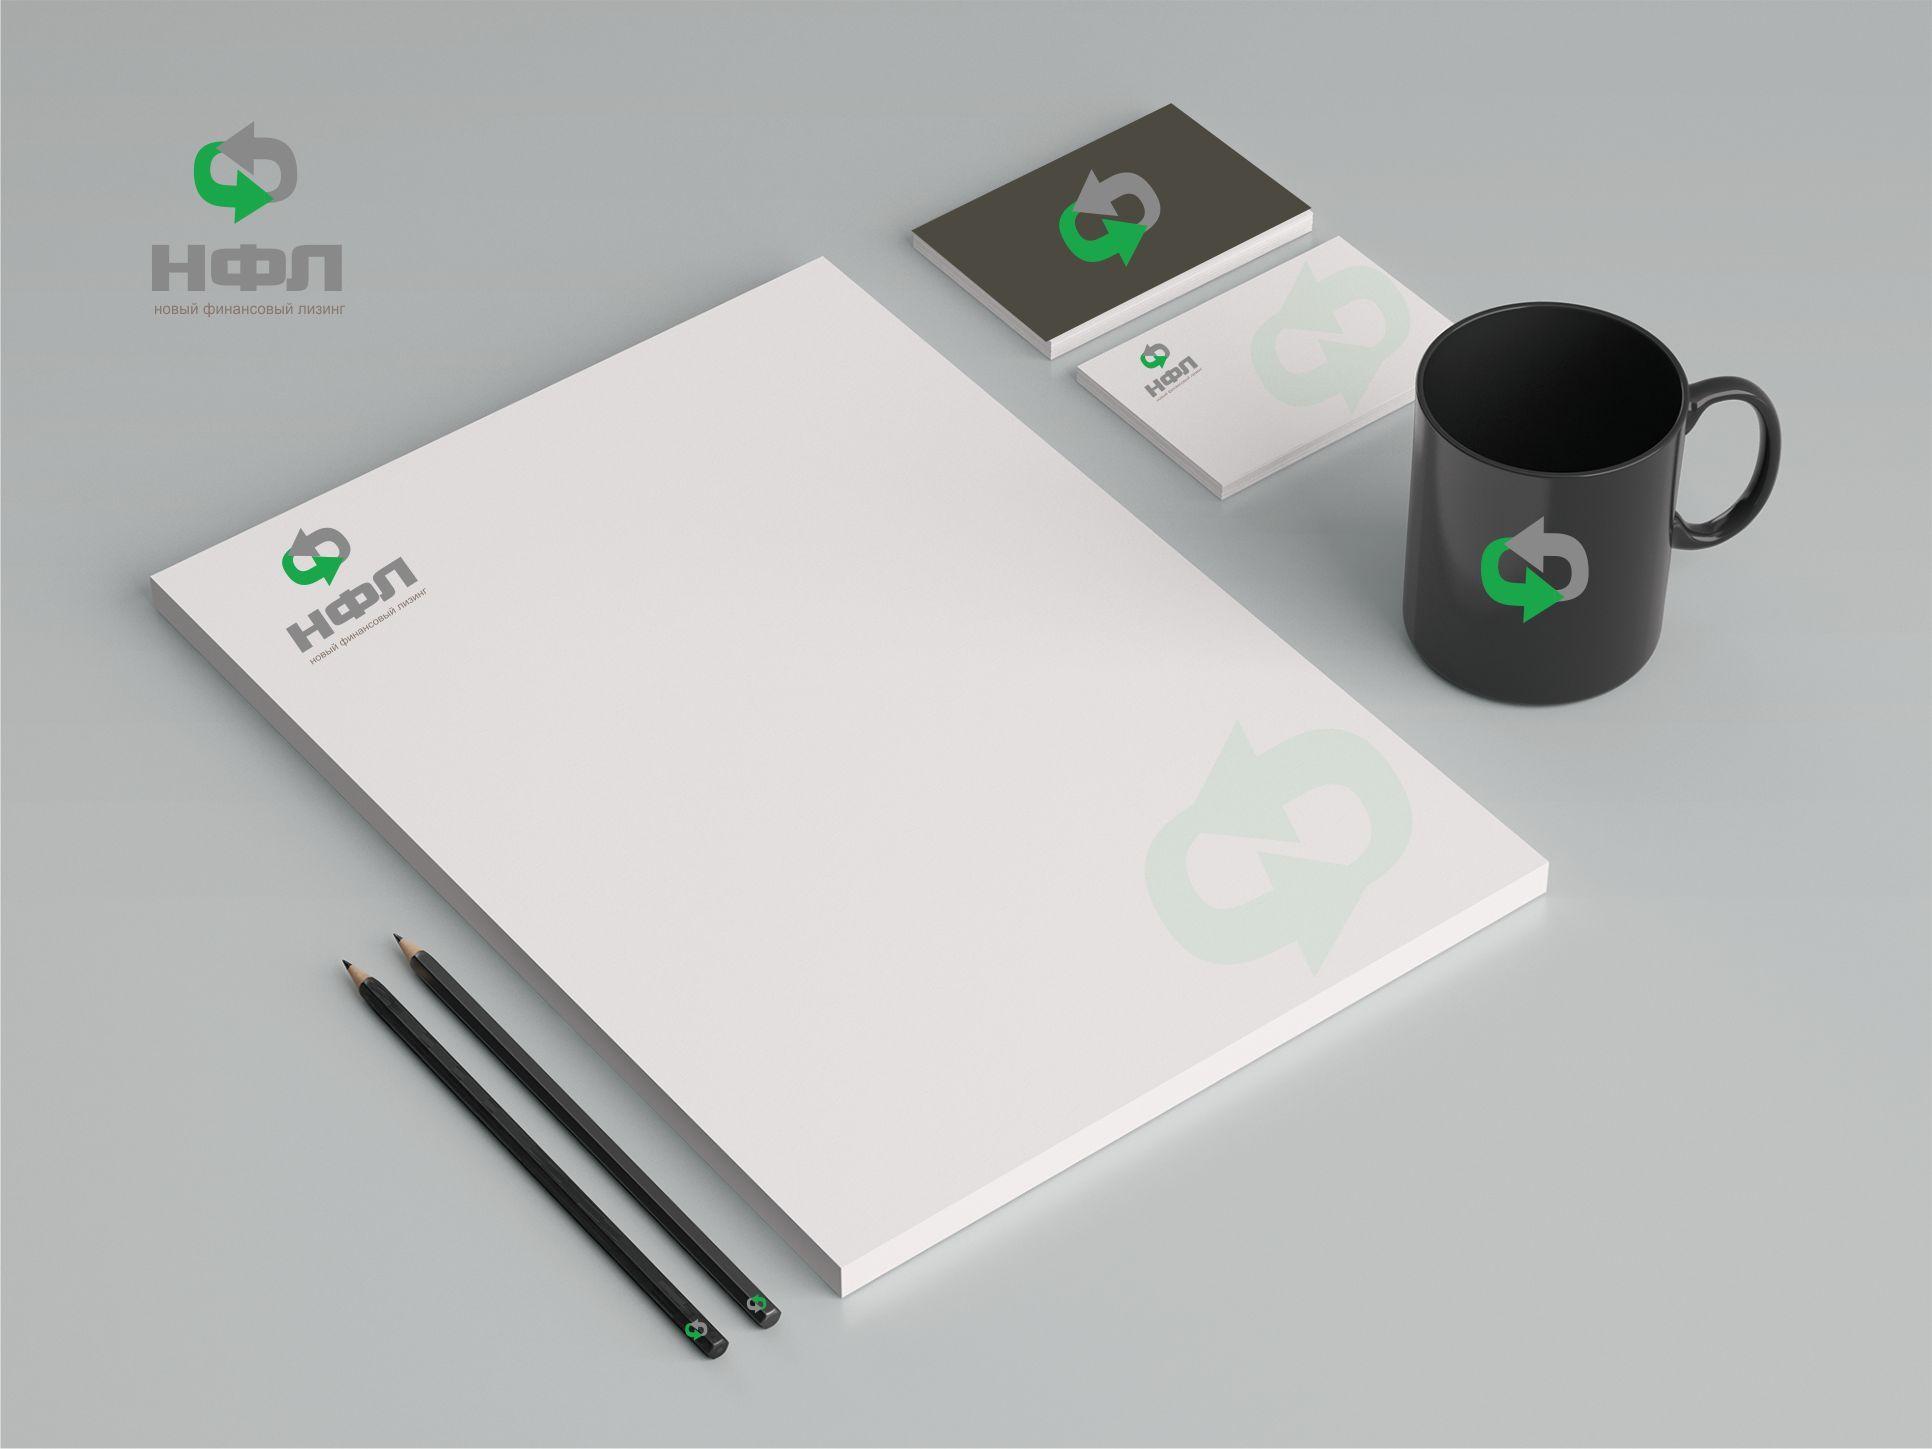 Фирменный стиль для лизинговой компании - дизайнер dbyjuhfl